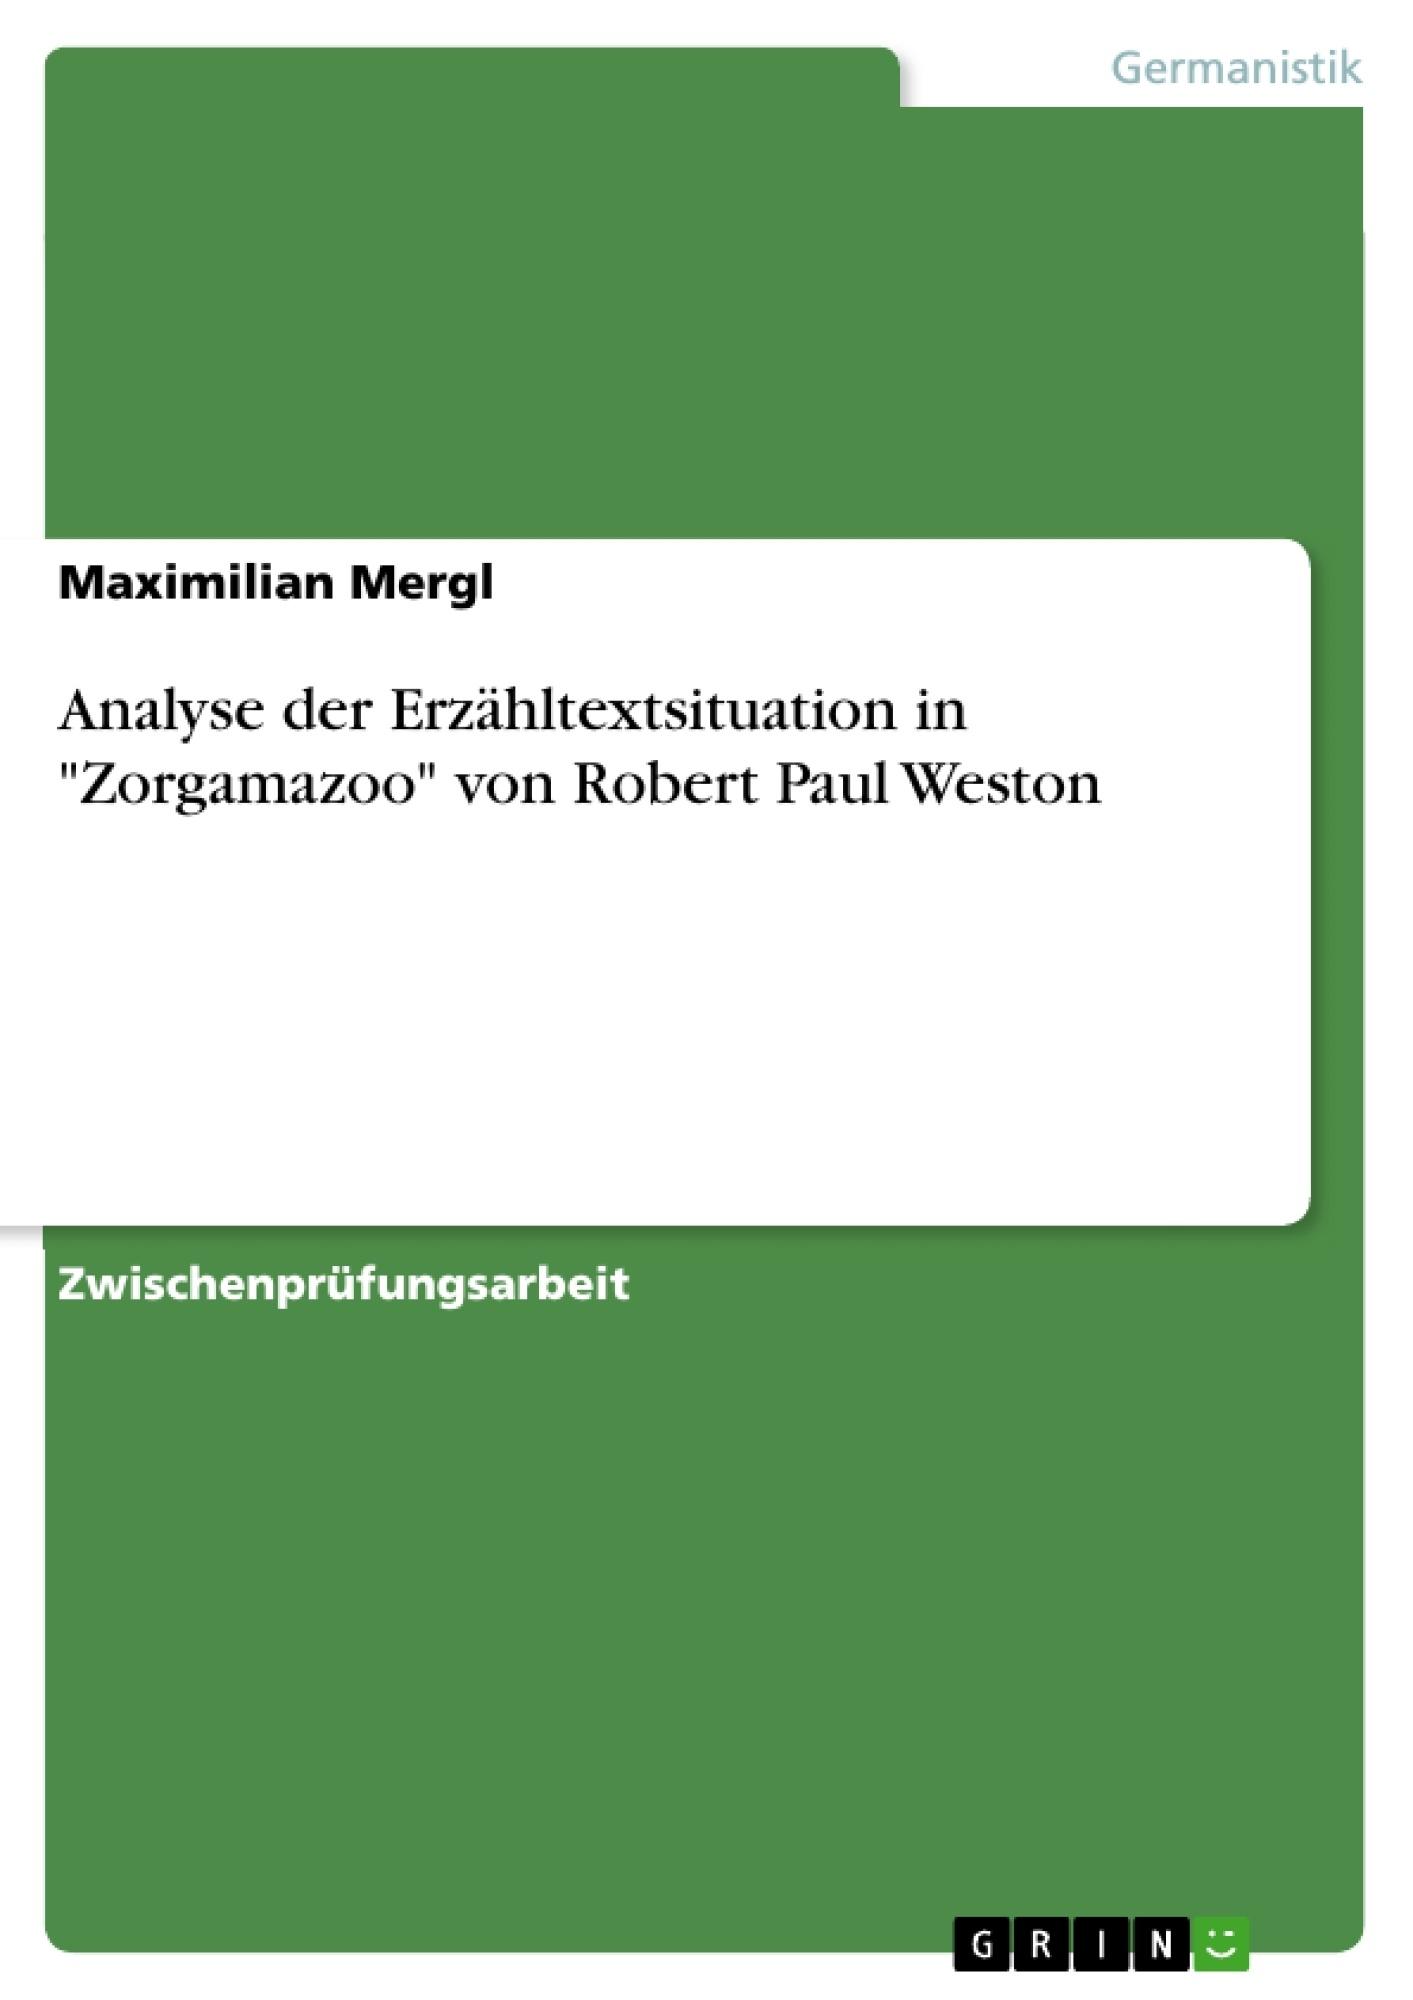 """Titel: Analyse der Erzähltextsituation in """"Zorgamazoo"""" von Robert Paul Weston"""